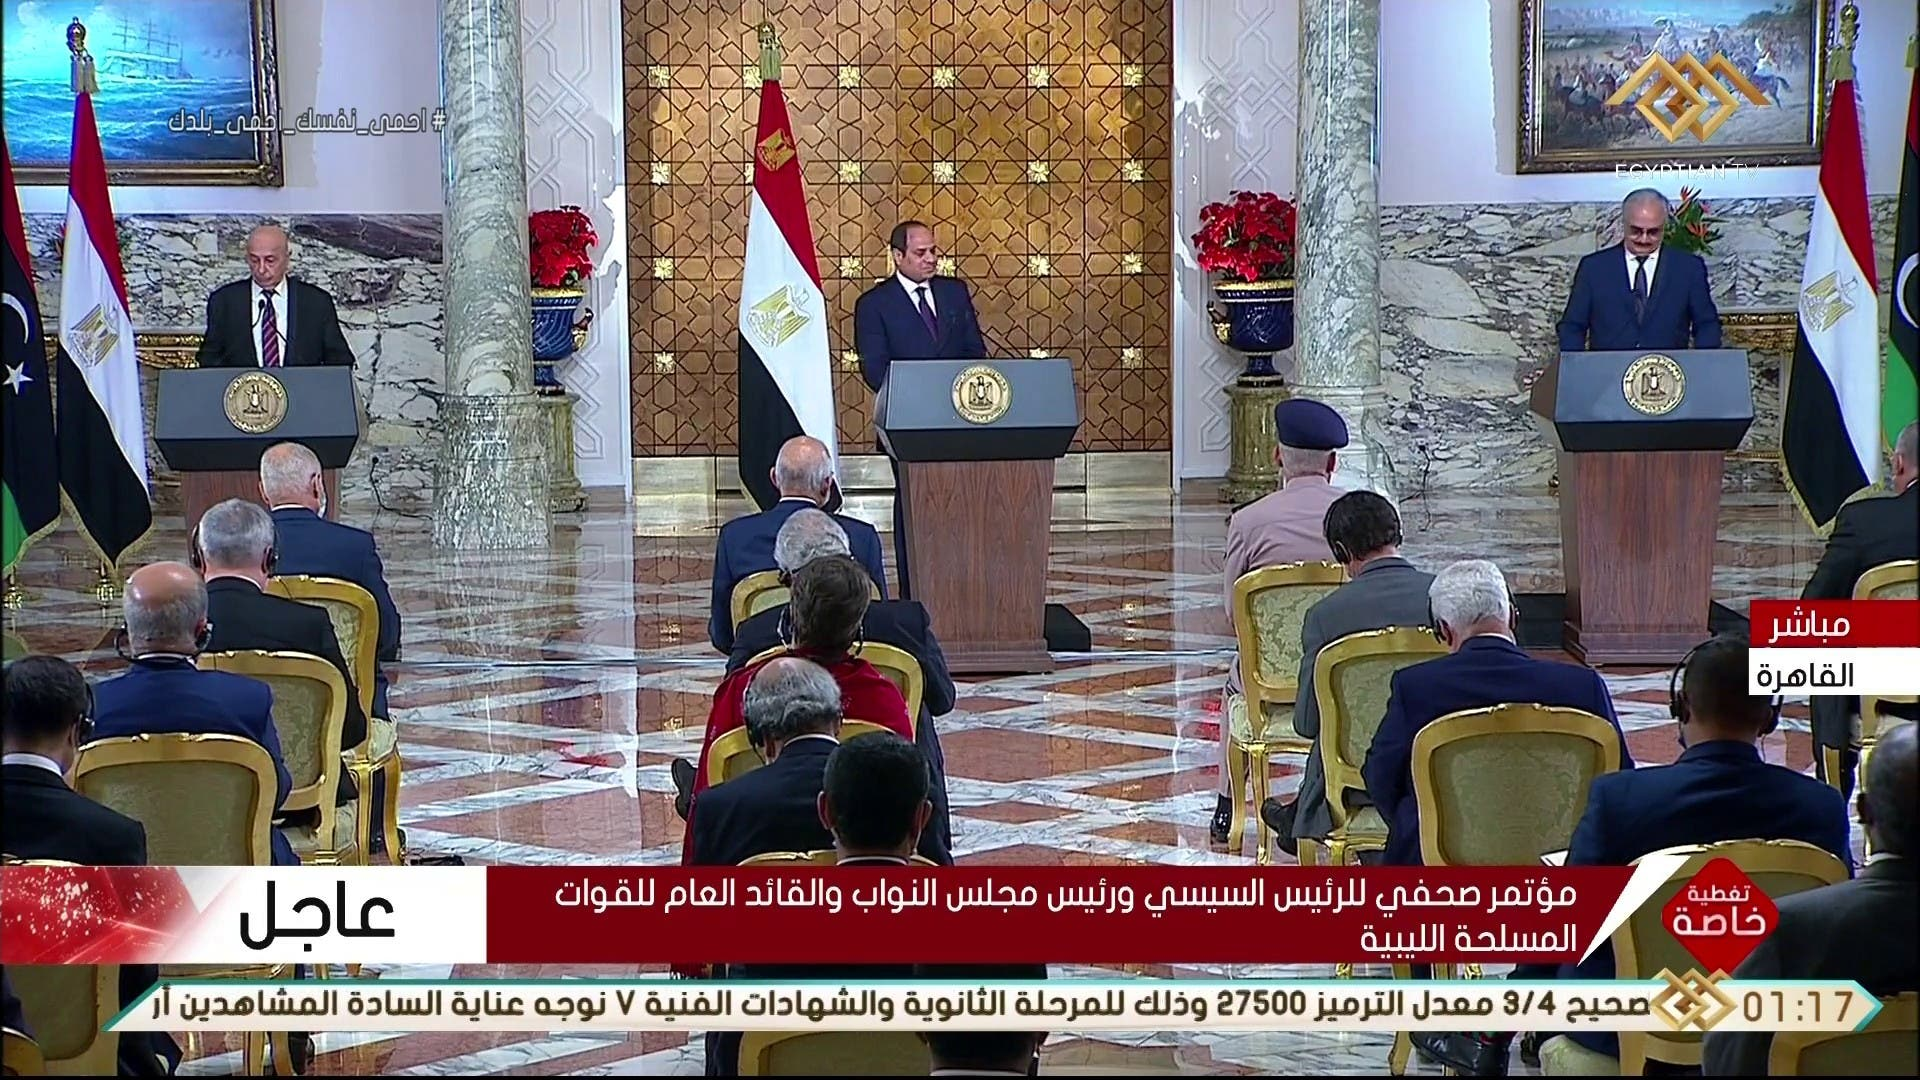 من المؤتمر الصحفي الذي جمع الرئيس السيسي بحفتر وعقيلة صالح